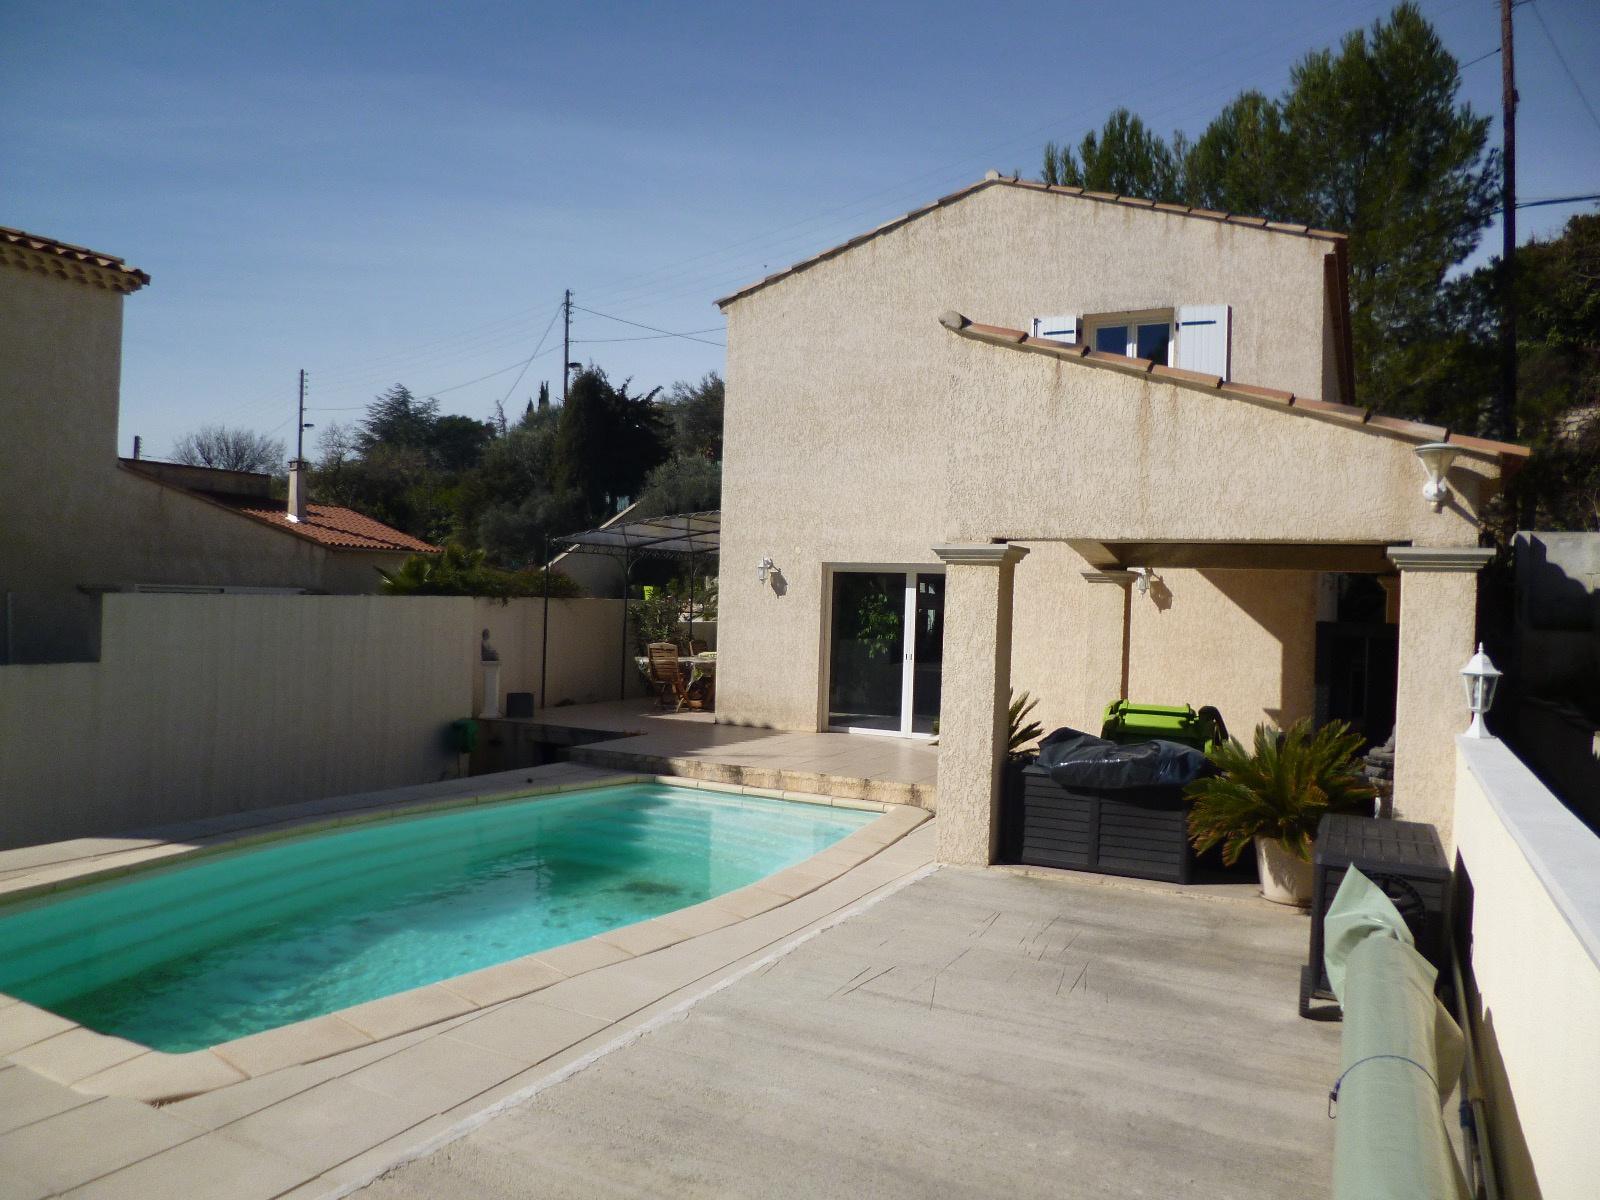 Vente maison marseille avec la maison de l 39 immobilier for Achat maison 13007